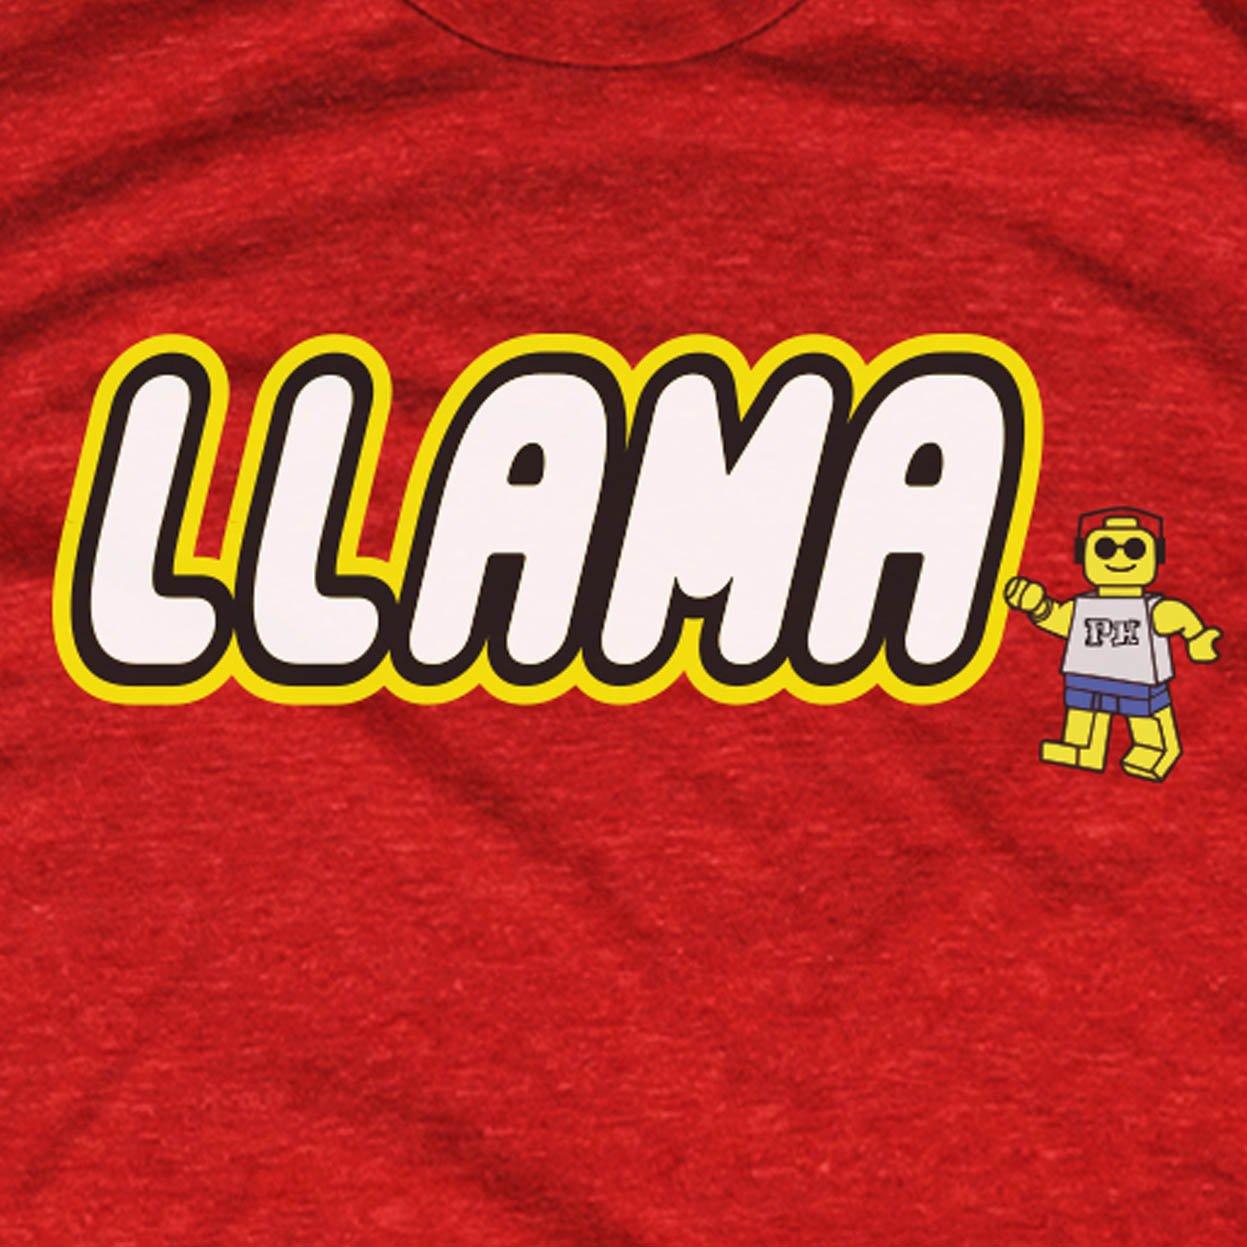 Phish Llama T-shirt